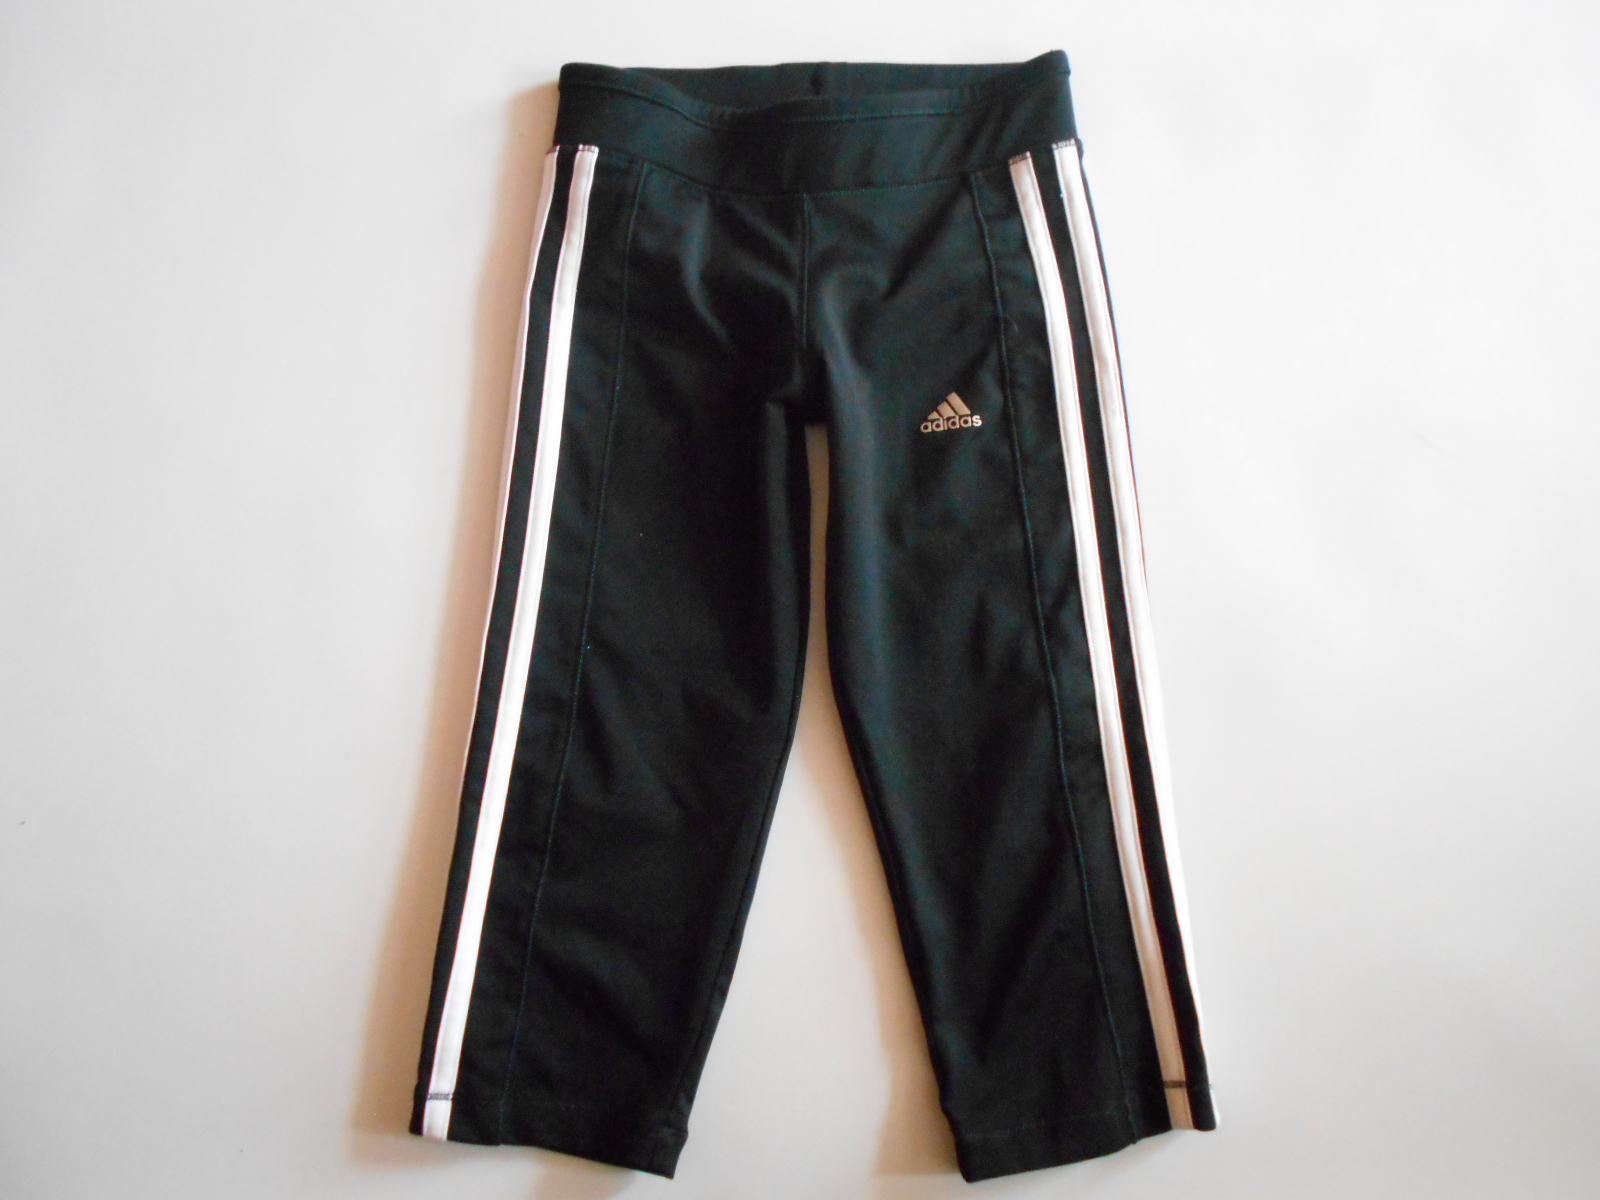 ADIDAS legginsy sportowe 128cm 7-8